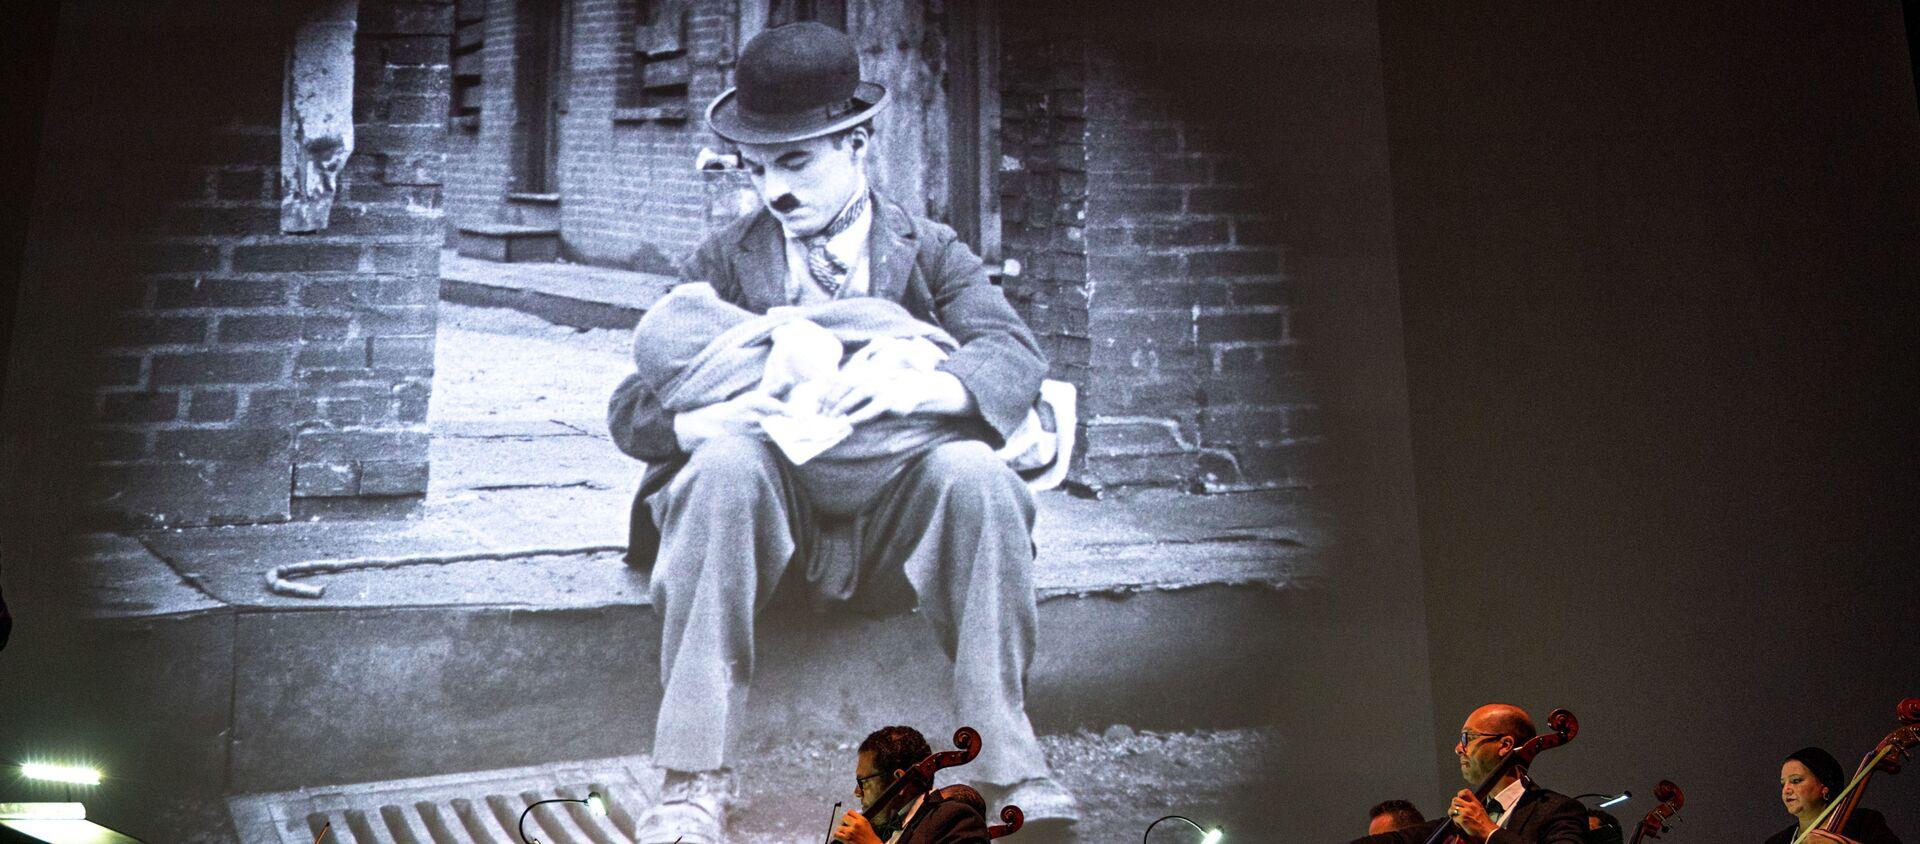 Fotograma de 'El chico' durante un concierto en Egipto - Sputnik Mundo, 1920, 05.02.2021